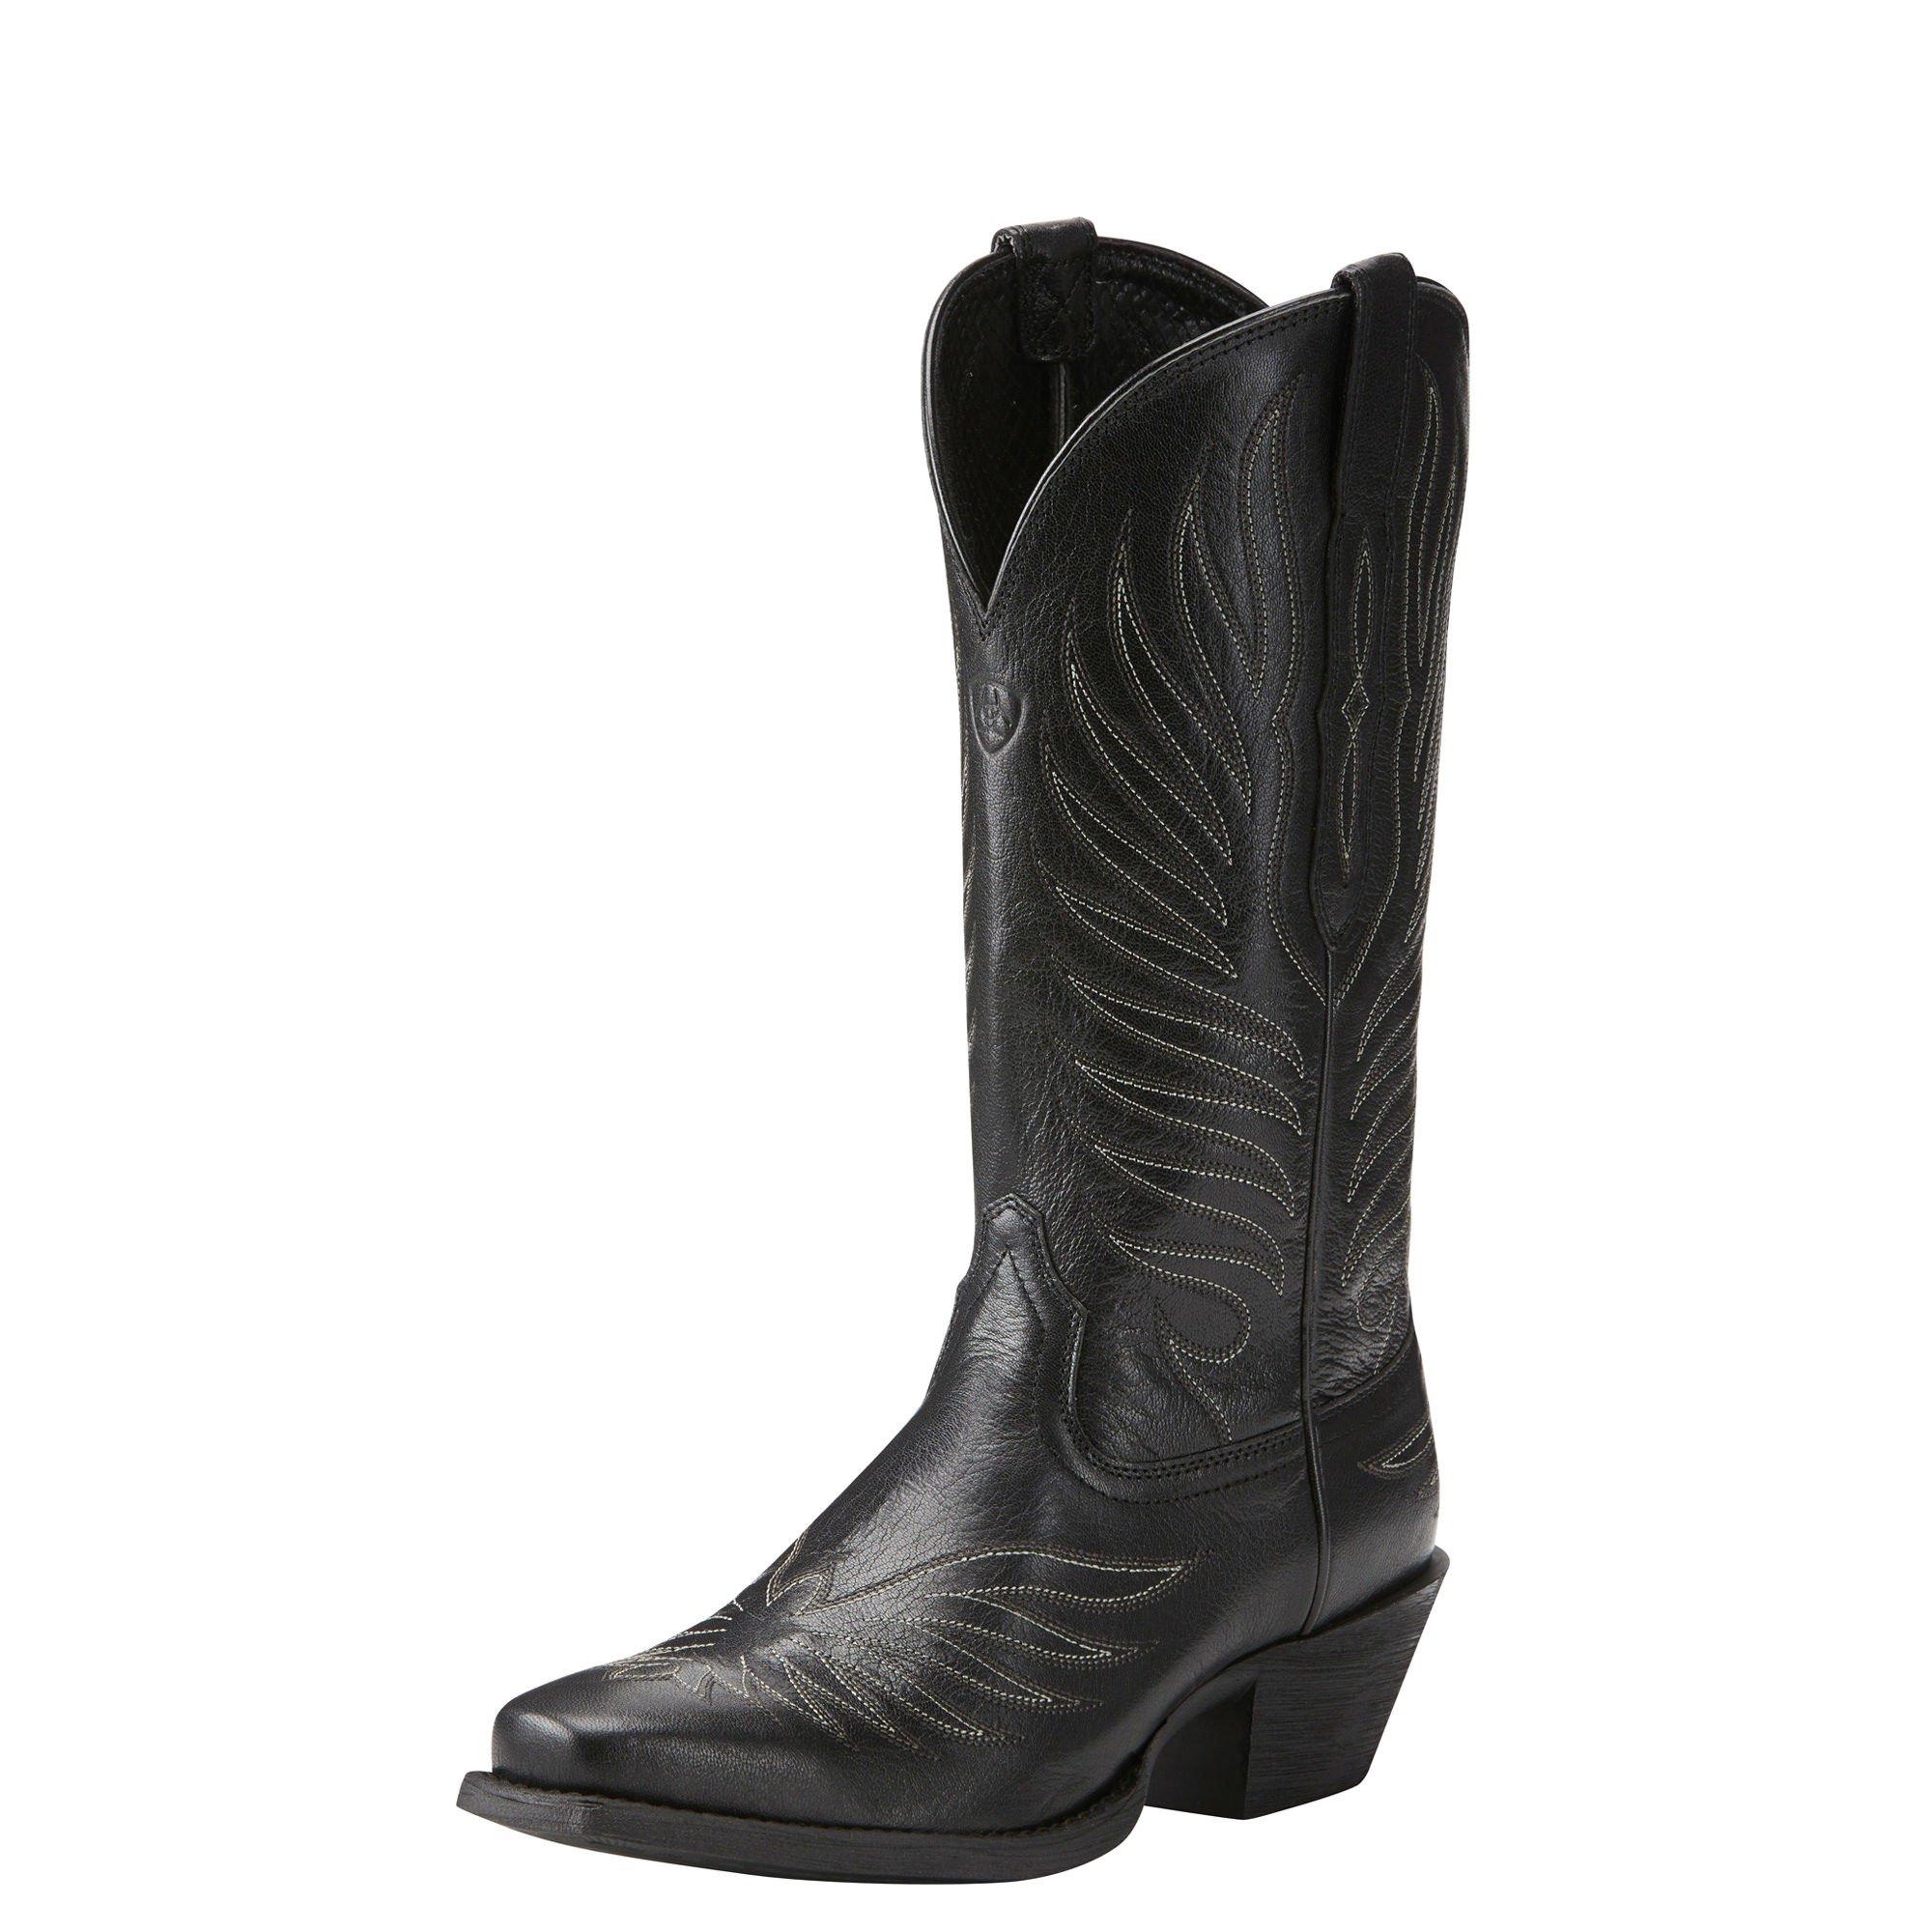 Ariat Women's Round up Phoenix Work Boot, Old Black, 8 B US by Ariat